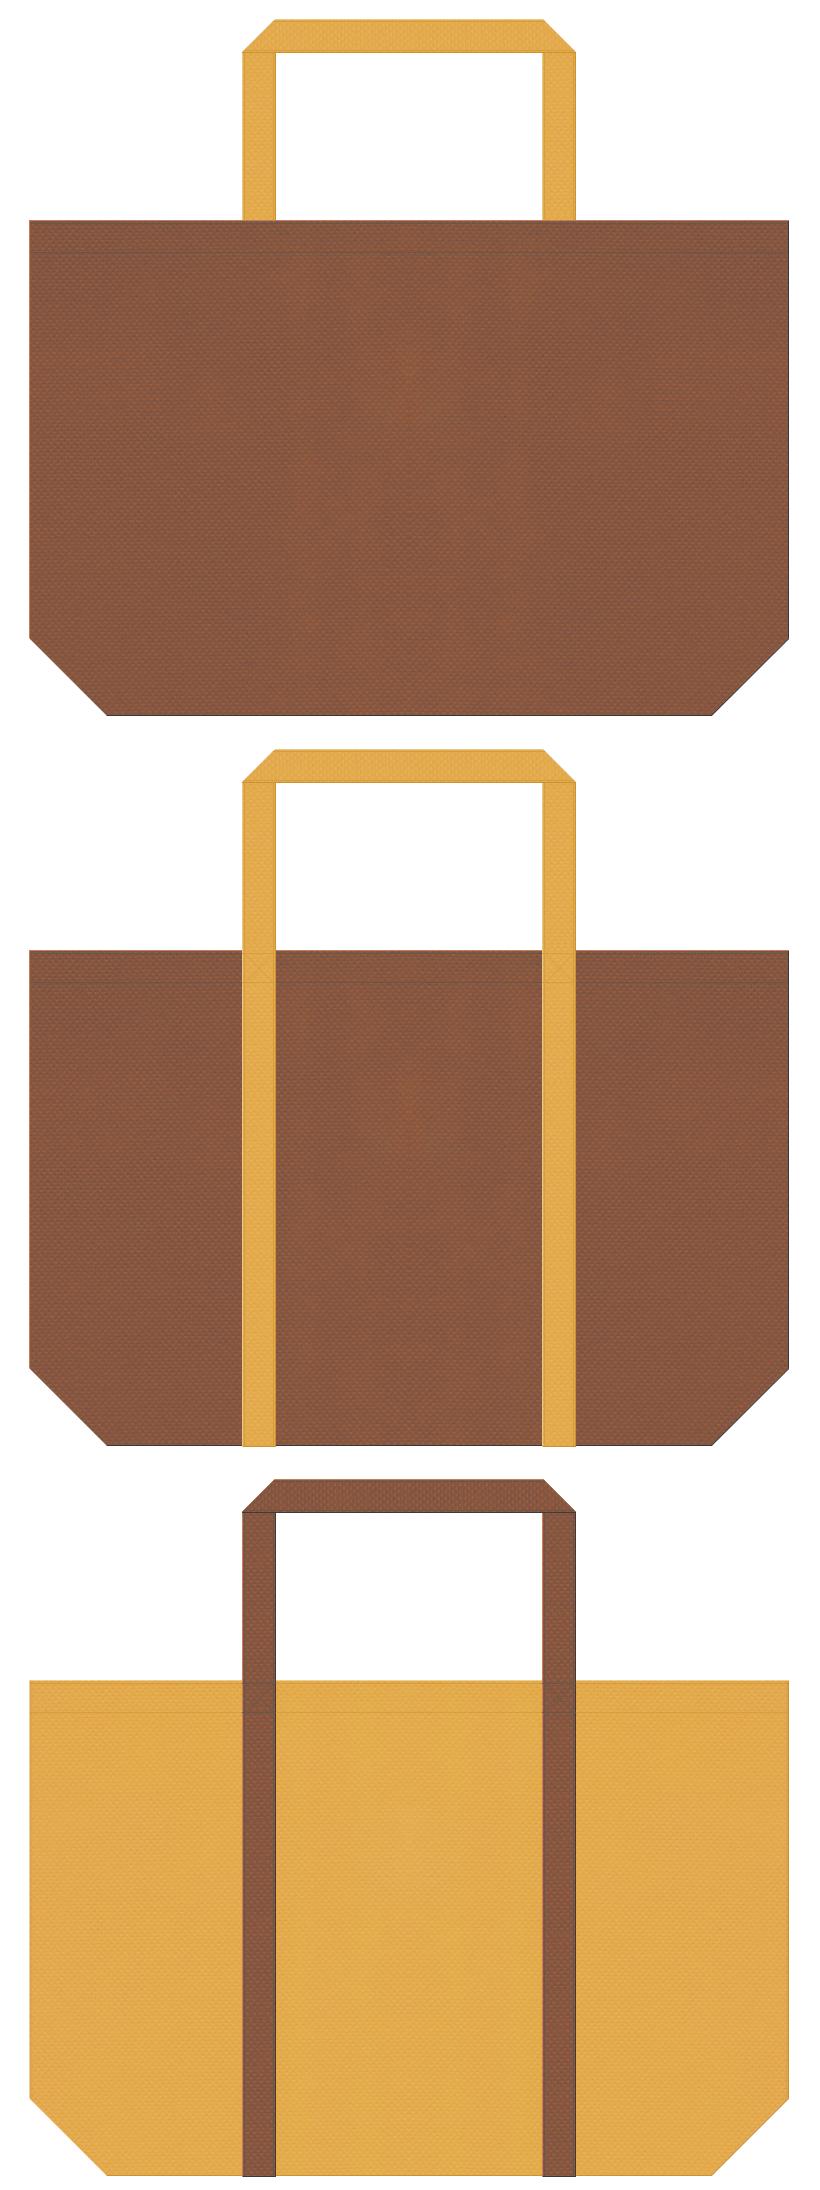 フライヤー・揚げ物・食用油・レシピ・ランチバッグ・工作教室・DIY・住宅展示場・木製インテリア・木製食器・フードコート・レストラン・鯛焼き・どらやき・饅頭・ホットケーキ・クロワッサン・ワッフル・クッキー・サブレ・ビスケット・キャラメル・アーモンド・ピーナツバター・和菓子・スイーツ・ベーカリーのショッピングバッグにお奨めの不織布バッグデザイン:茶色と黄土色のコーデ